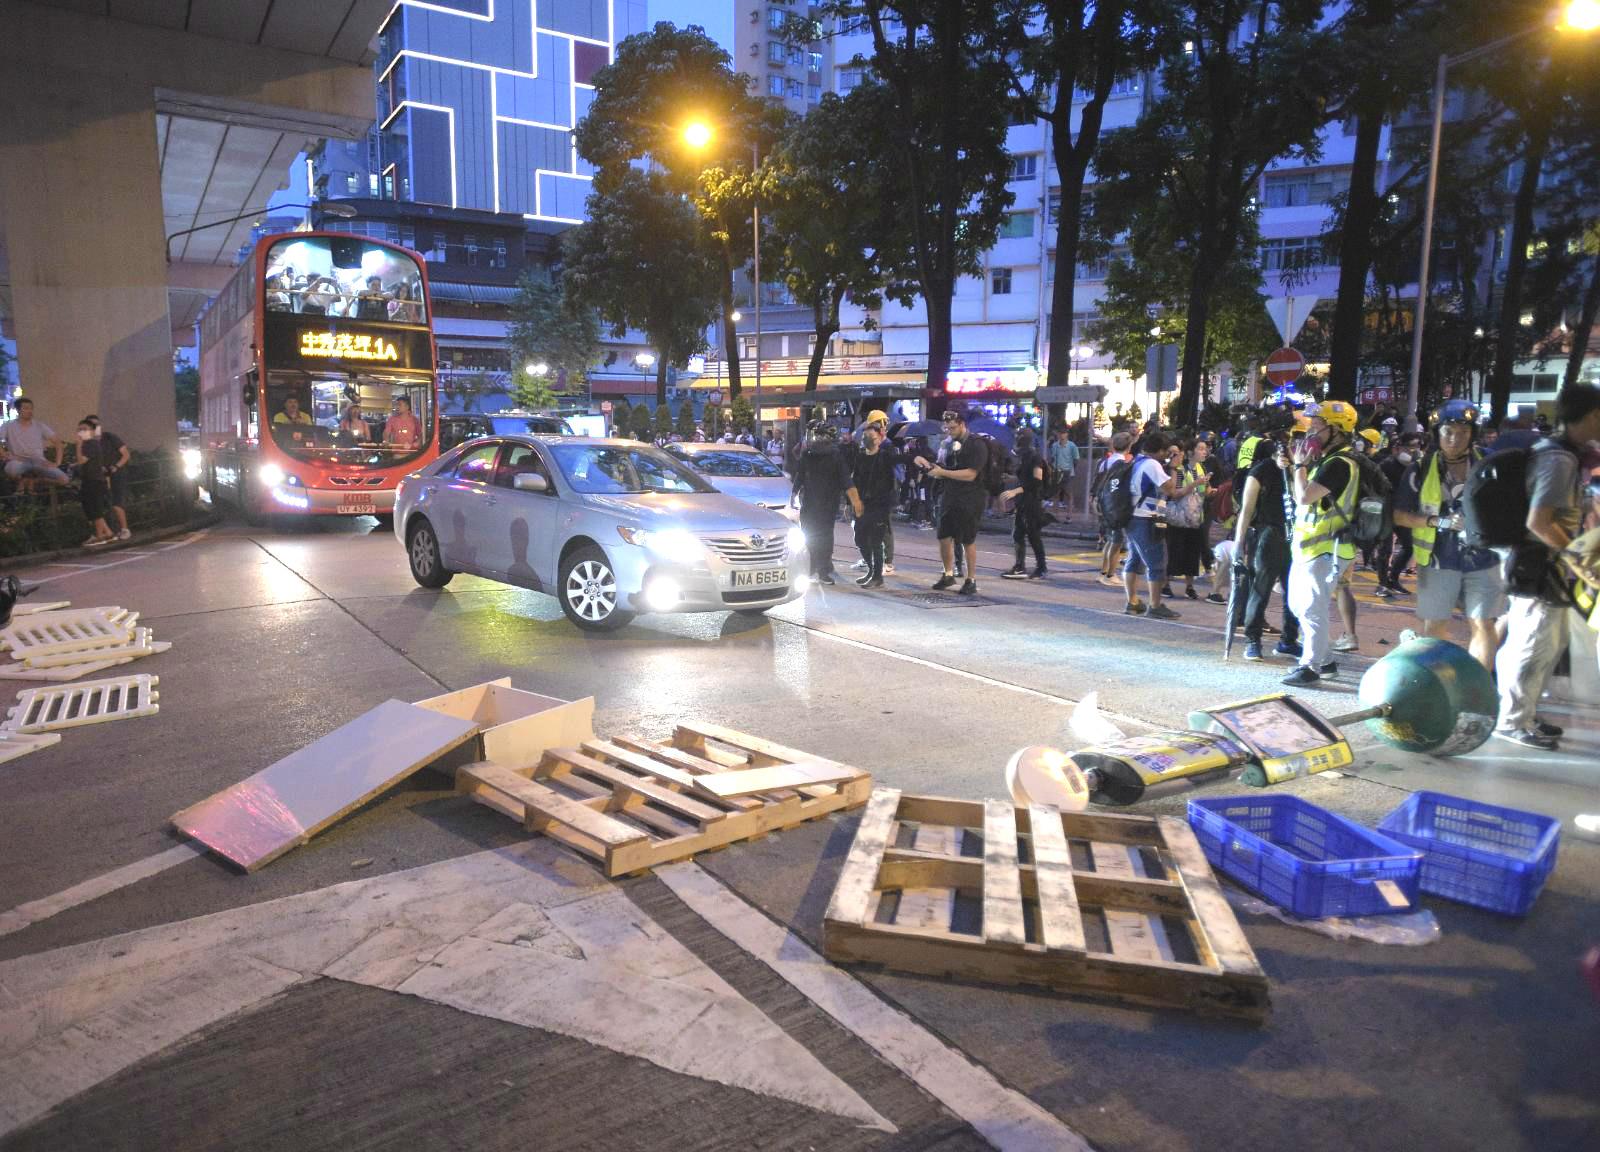 示威者設置路障堵塞交通